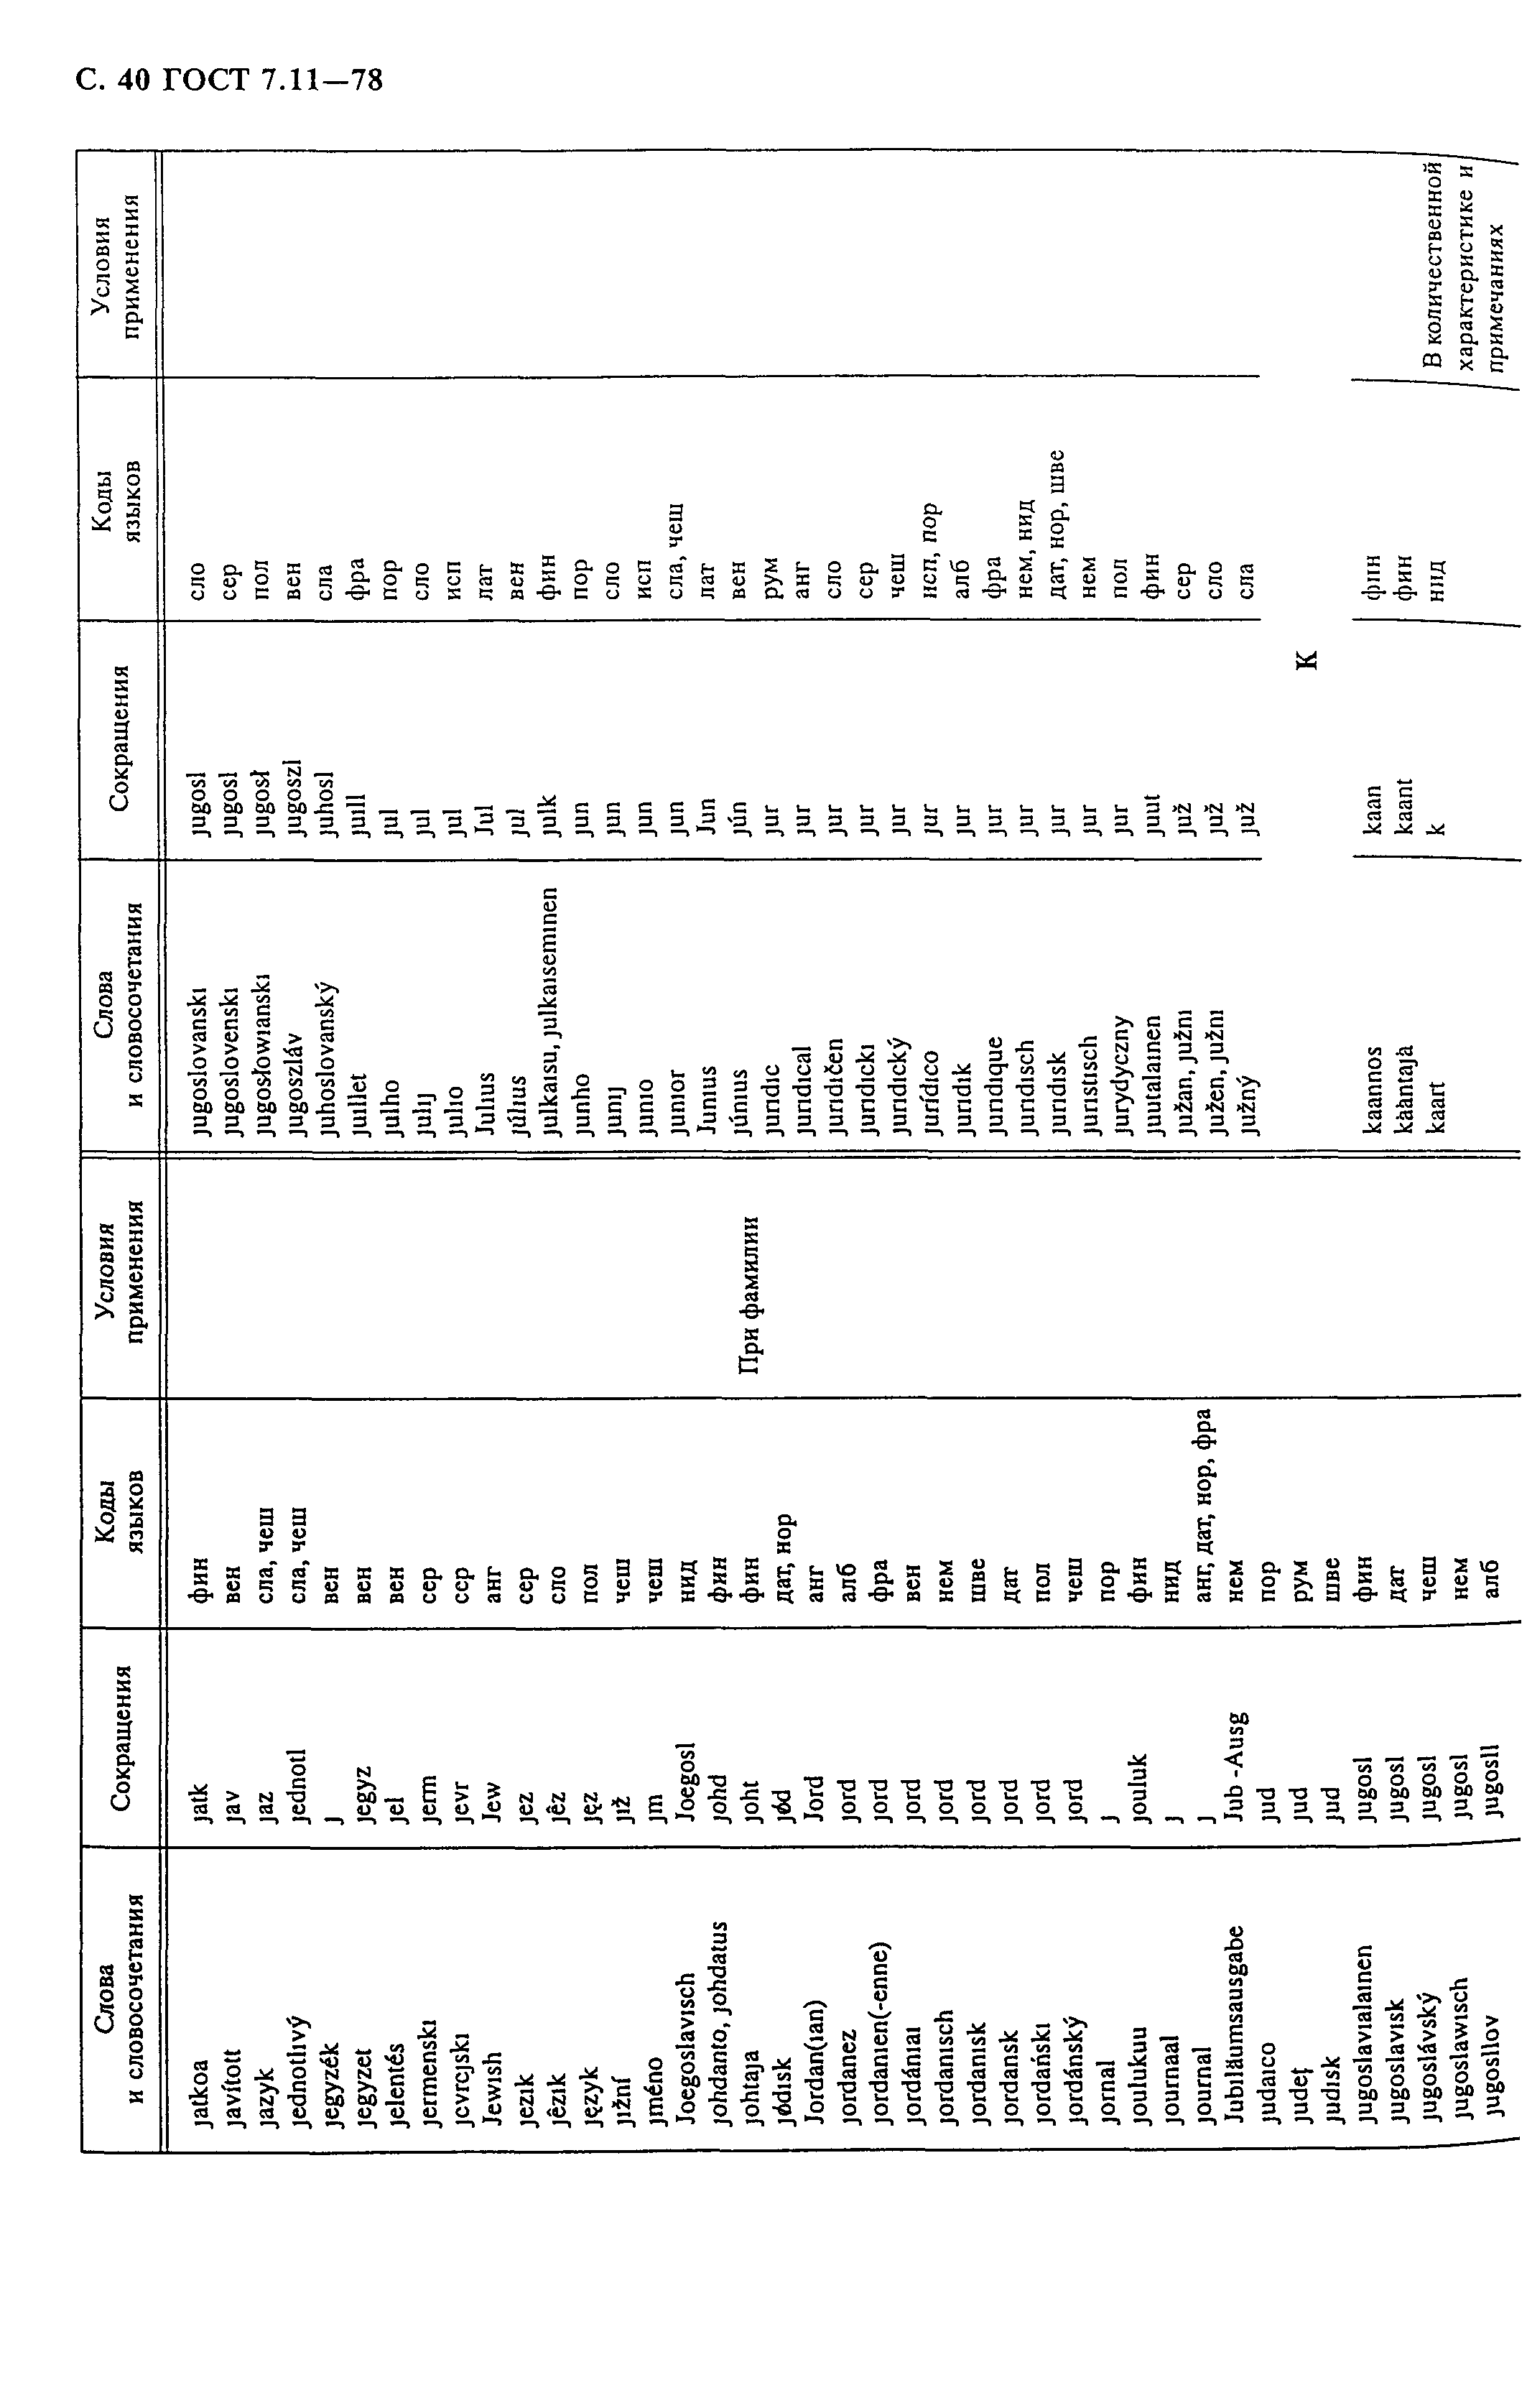 GOST szemvizsgálati táblázatok)